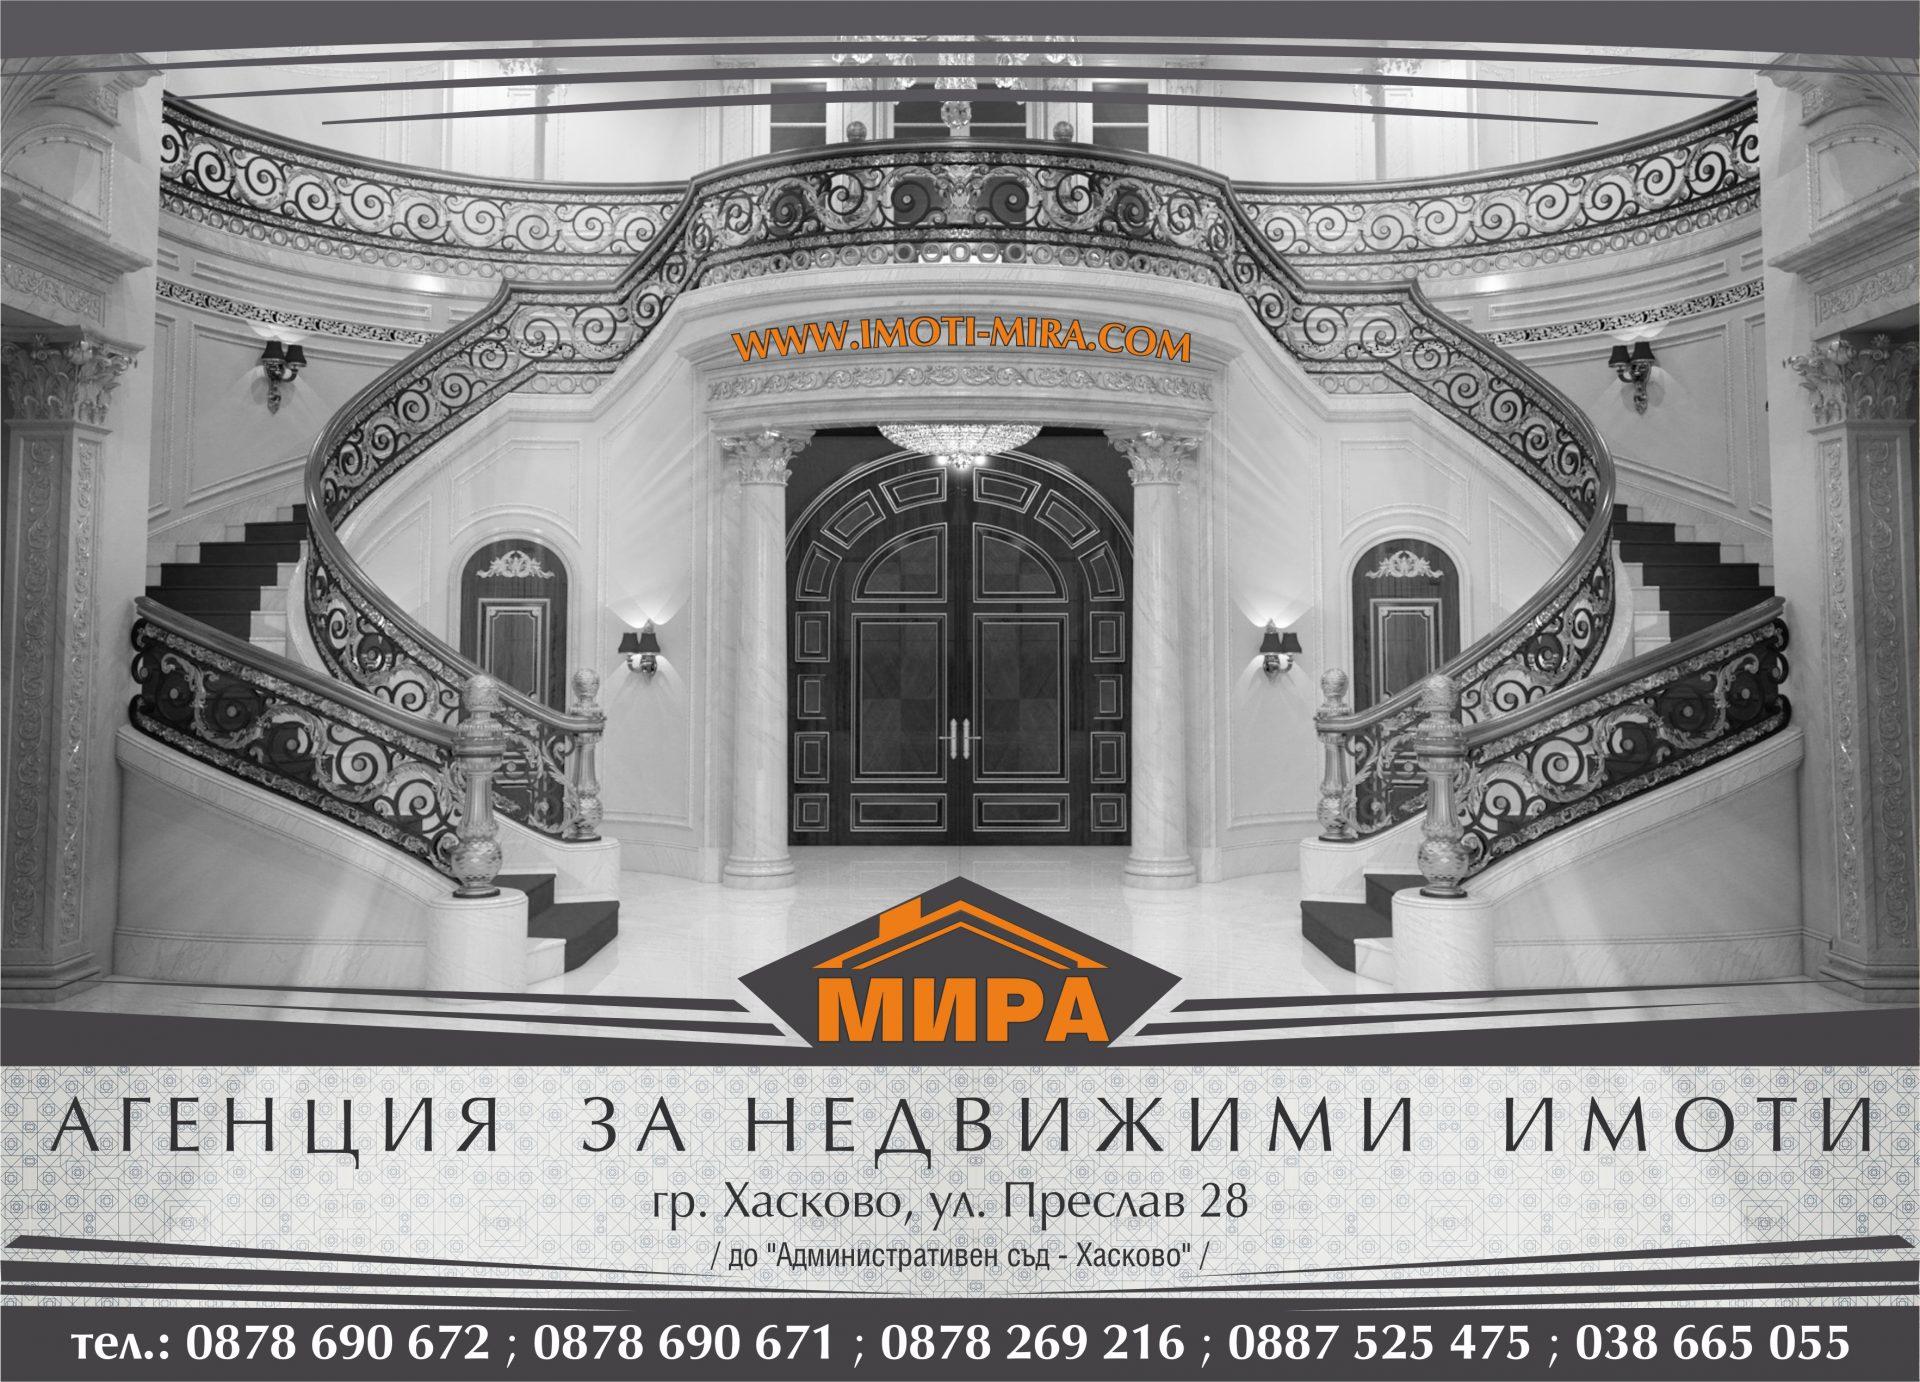 ТЪРГОВСКИ ОБЕКТ/МАГАЗИН под наем в кв. ОРФЕЙ(Т.Ц ВЕСПРЕМ), гр. Хасково